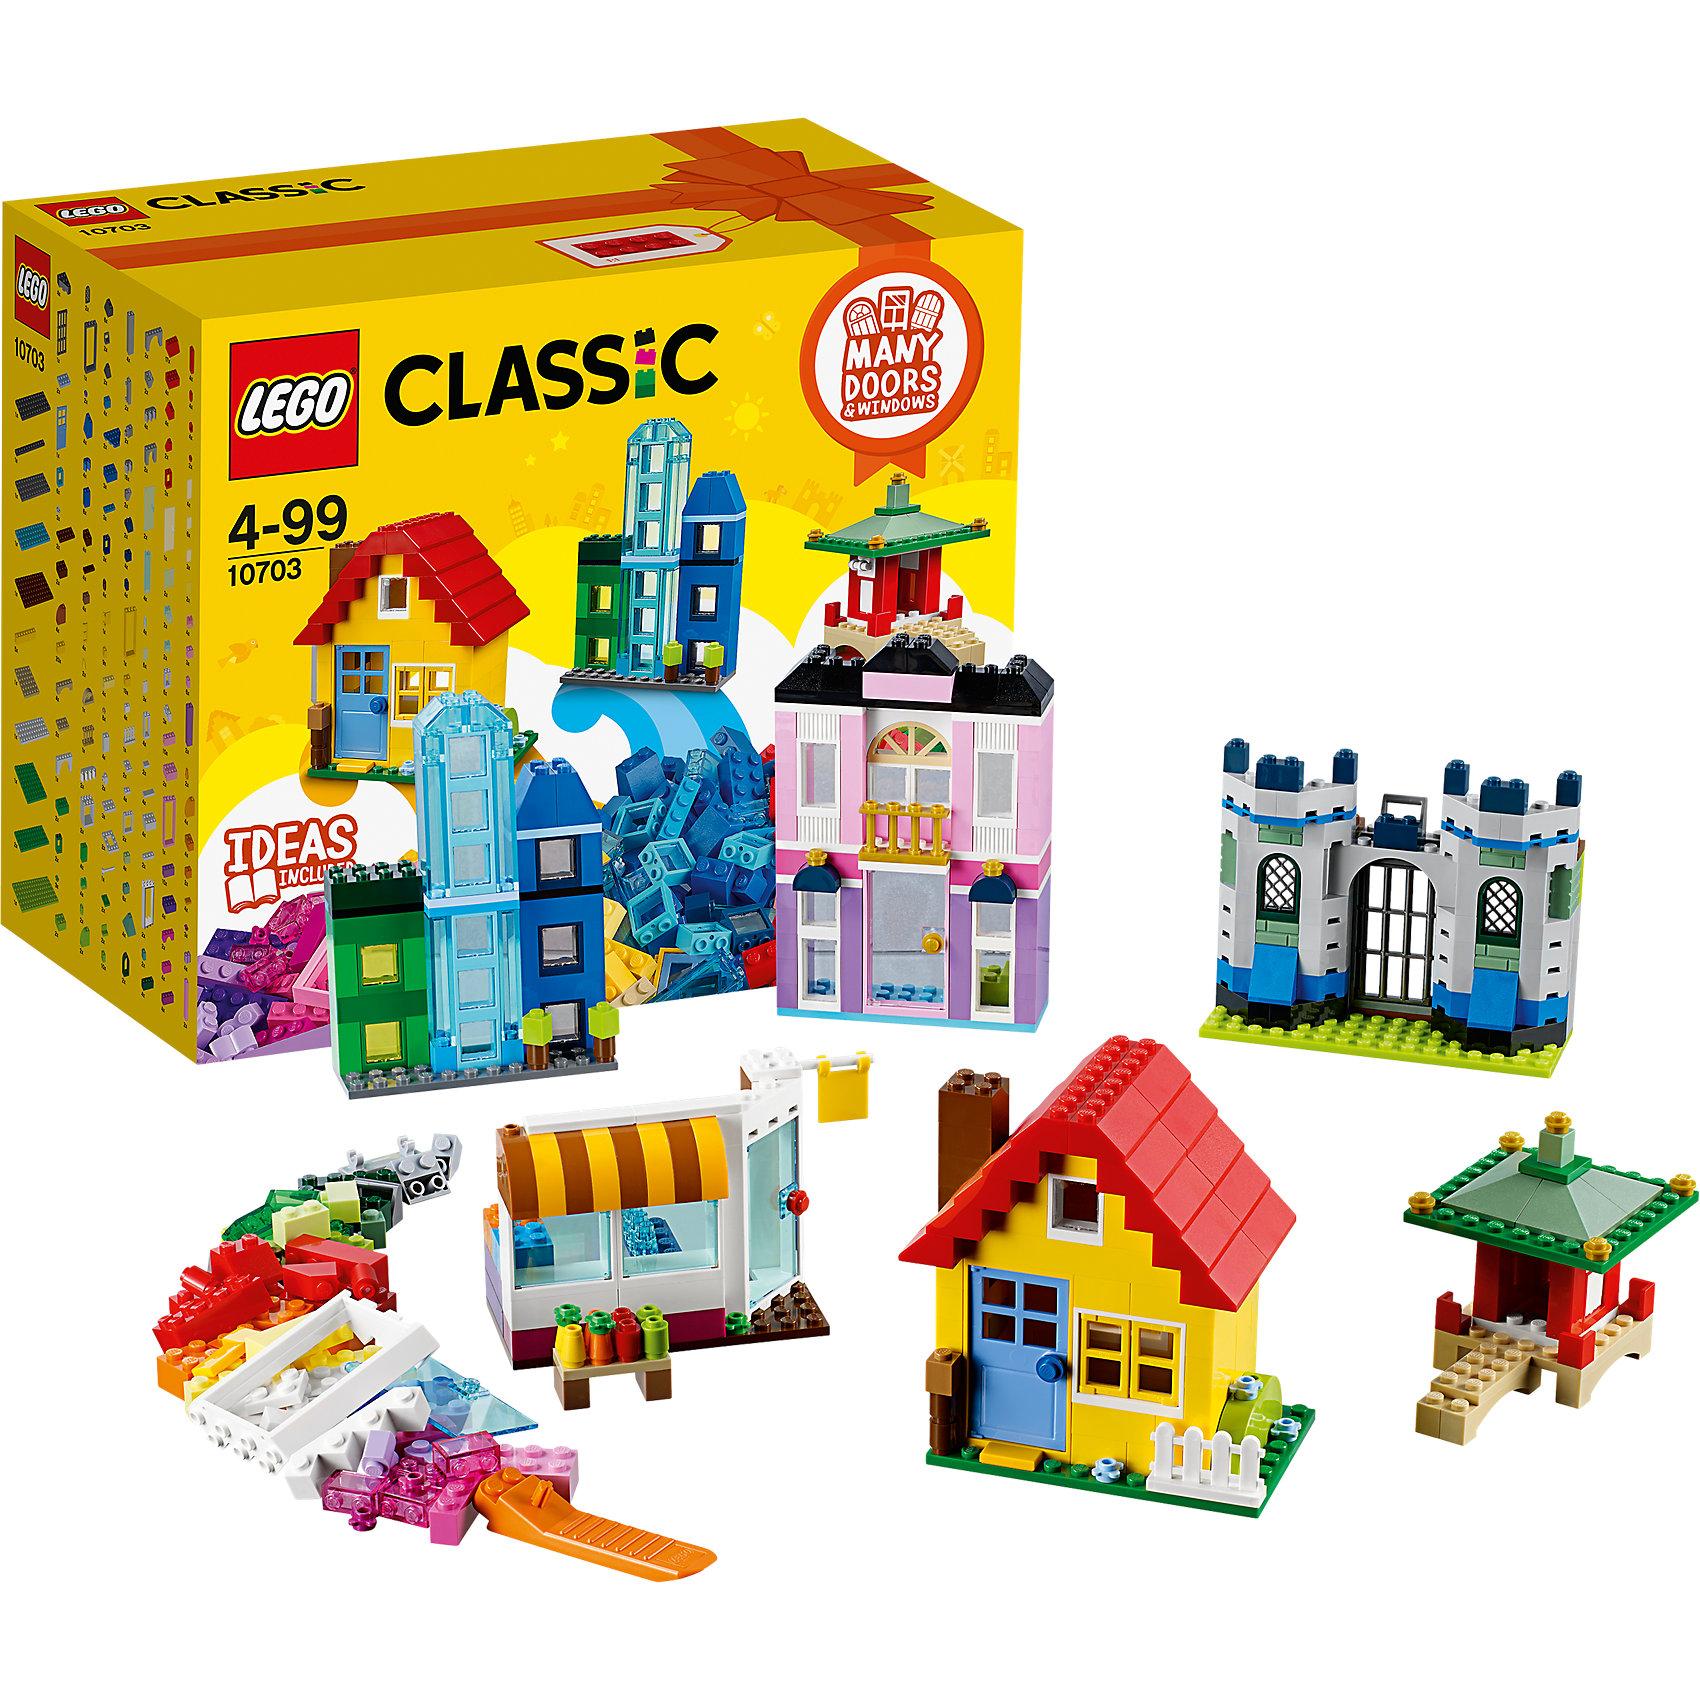 LEGO Classic 10703: Набор для творческого конструированияПластмассовые конструкторы<br>LEGO Classic 10703: Набор для творческого конструирования<br><br>Характеристики:<br><br>- в набор входит: детали зданий, аксессуары, красочная инструкция<br>- состав: пластик<br>- количество деталей: 502 <br>- размер упаковки: 26 * 14 * 22 см.<br>- для детей в возрасте: от 4 лет<br>- Страна производитель: Дания/Китай/Чехия<br><br>Легендарный конструктор LEGO (ЛЕГО) представляет серию «Classic» (Классик), предназначенную для свободного конструирования. В наборы этой серии включены разнообразные детали, позволяющие строить в свое удовольствие и на свое усмотрение. Данный набор посвящен постройке зданий, в него входит более 9 типов различных окон, четыре типа дверей и блоки двенадцати цветов для постройки дома своей мечты. Набор предлагает сооружать постройку магазина, городских зданий, замка принцессы или серьезного рыцарского замка, постройки в китайском стиле и классический домик, который можно открывать и поселить в него маленьких кукол (в наборе отсутствуют). Для реалистичности в набор добавлены детали аксессуары в виде овощей и фруктов для магазина, небольшой детали ограды для домика, вывески-флажка, прозрачных пластиковых деталей для постройки стеклянного дома, небольших деталек золотого цвета для замка принцессы, рельефный деталей в виде кирпичей для замка рыцаря, детали своды для построек восточного стиля. Воплотите в жизнь свои идеи с помощью набора LEGO «Classic»!<br><br>Конструктор LEGO Classic 10703: Набор для творческого конструирования можно купить в нашем интернет-магазине.<br><br>Ширина мм: 266<br>Глубина мм: 220<br>Высота мм: 144<br>Вес г: 909<br>Возраст от месяцев: 48<br>Возраст до месяцев: 144<br>Пол: Унисекс<br>Возраст: Детский<br>SKU: 5002413